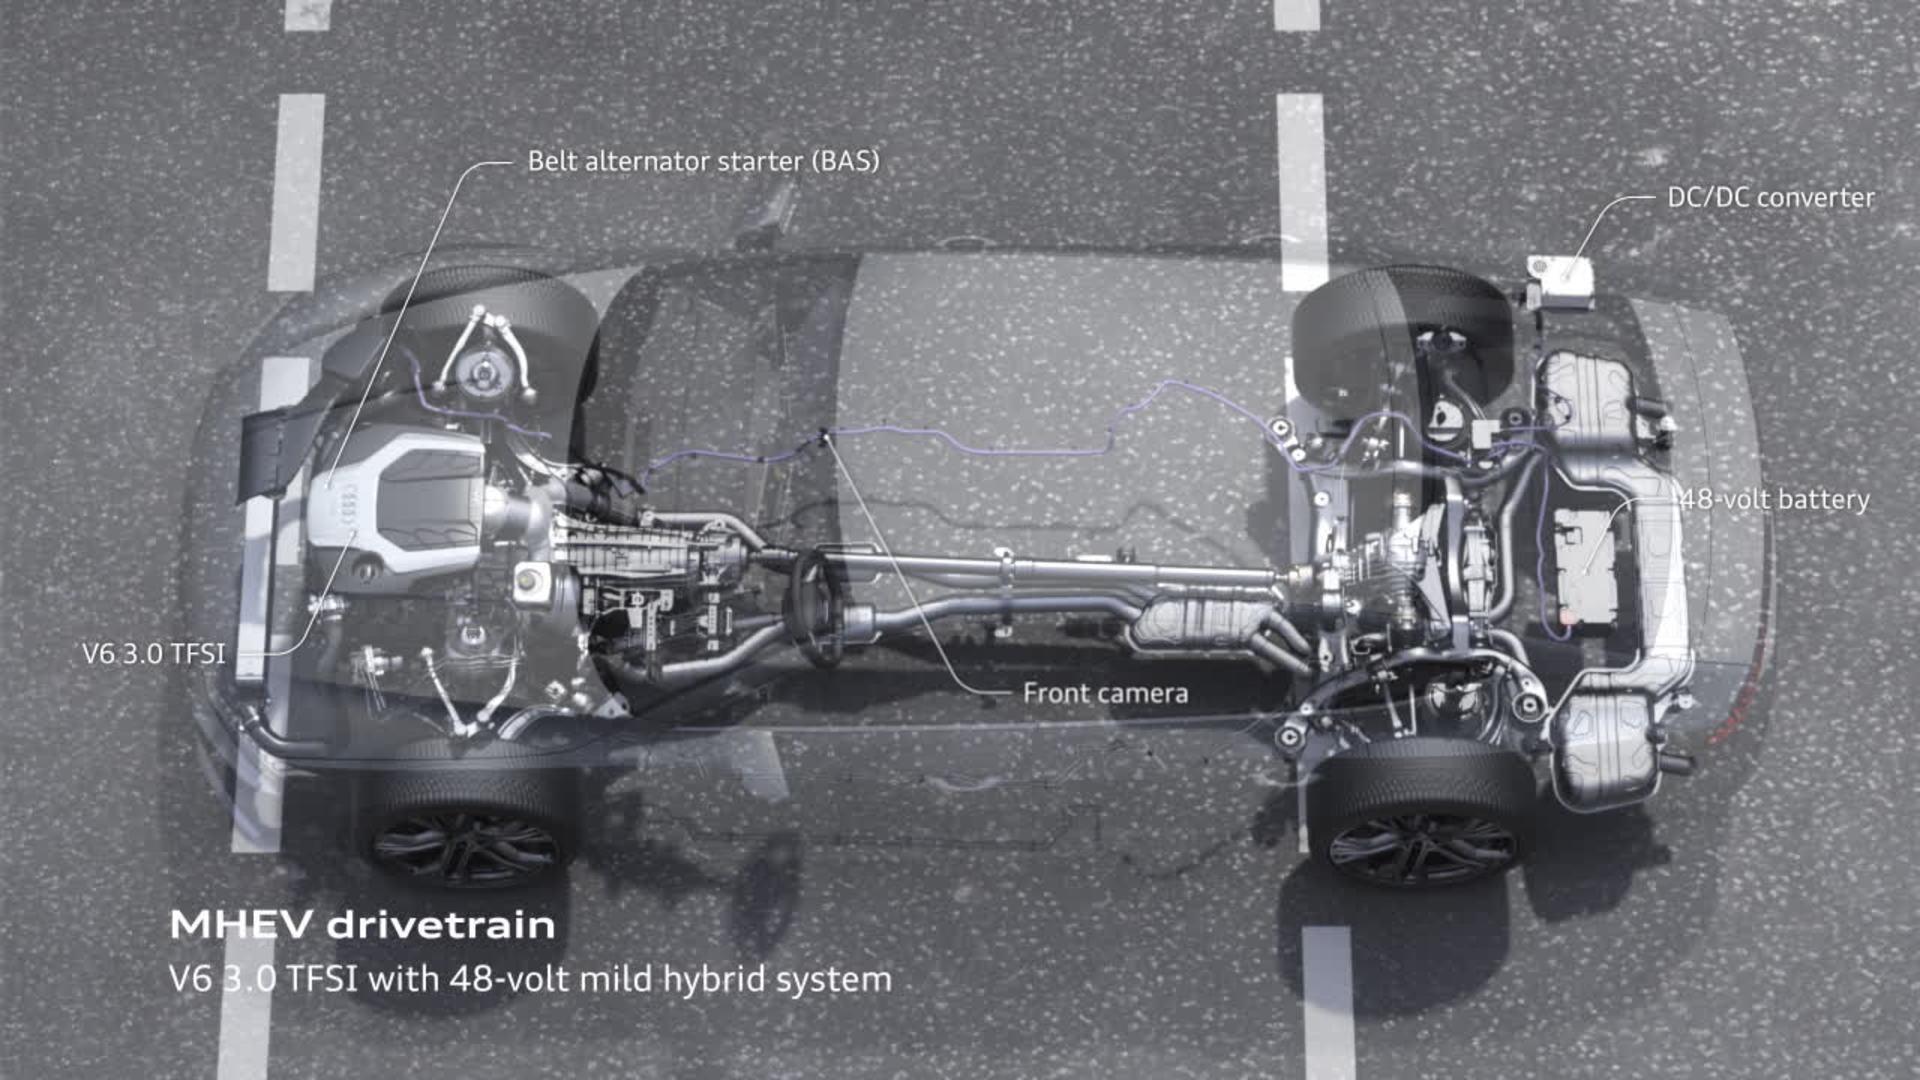 Audi A7 Animation mild hybrid system